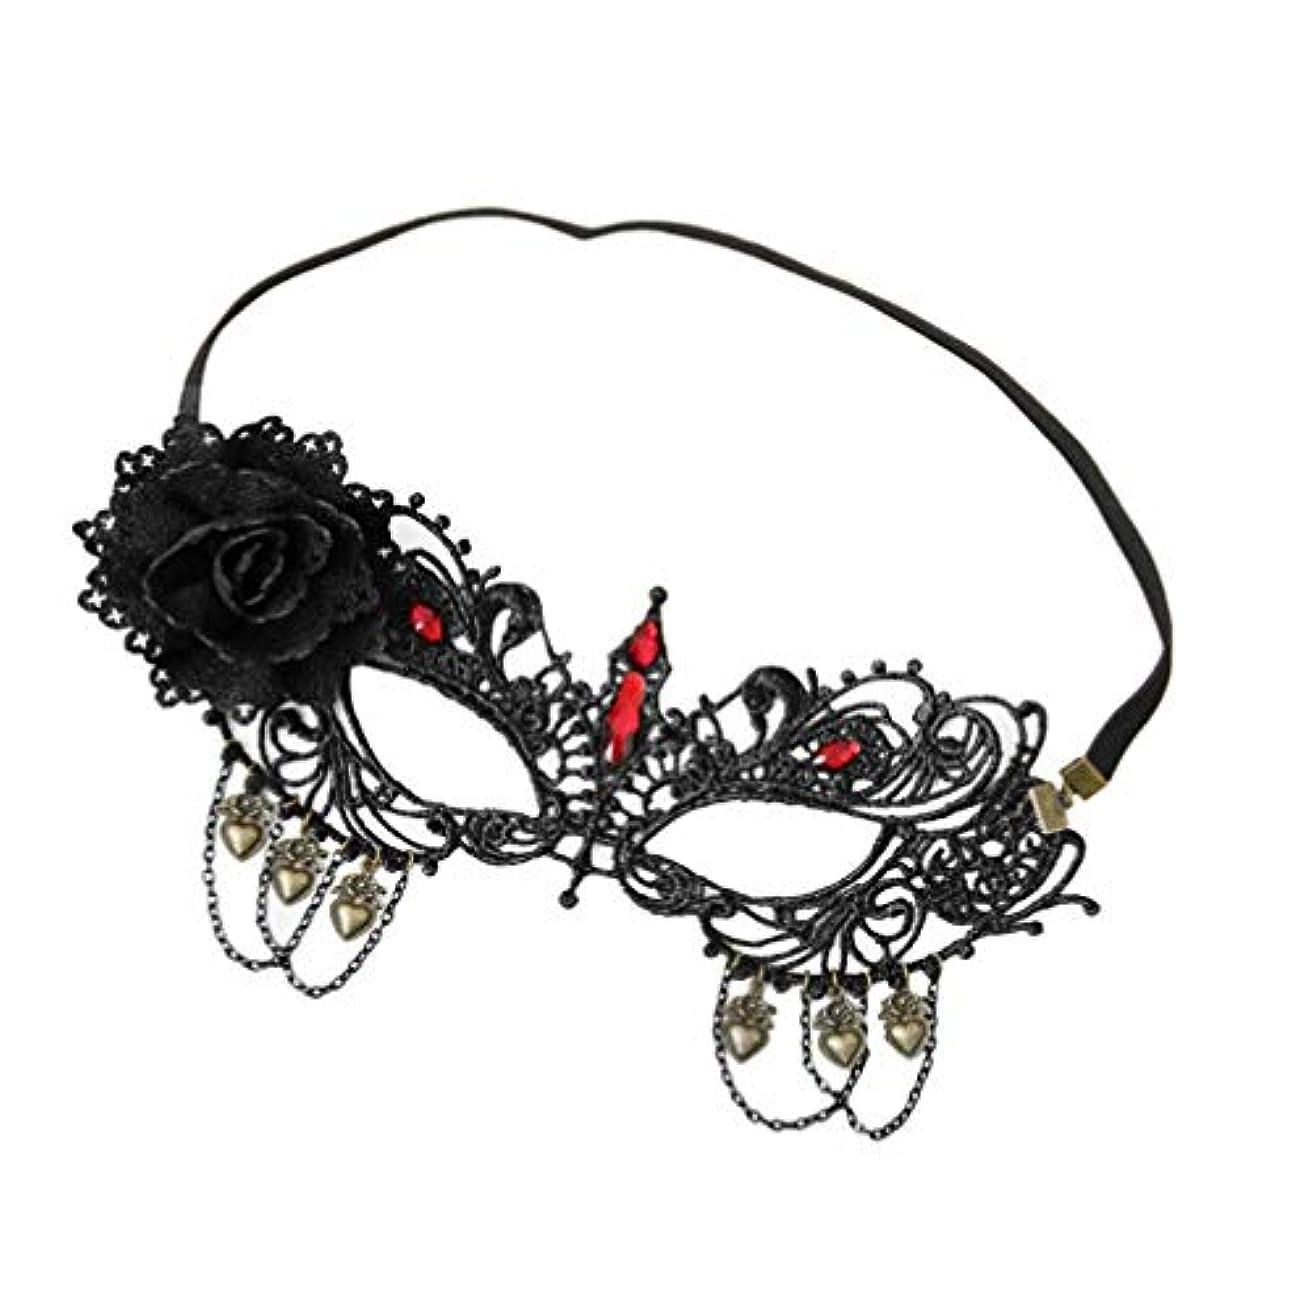 紛争南極失速SUPVOX ラインストーン付きレースハーフフェイスマスクマスカレードパーティー仮装衣装ハロウィンのための花の調節可能なカットアウト